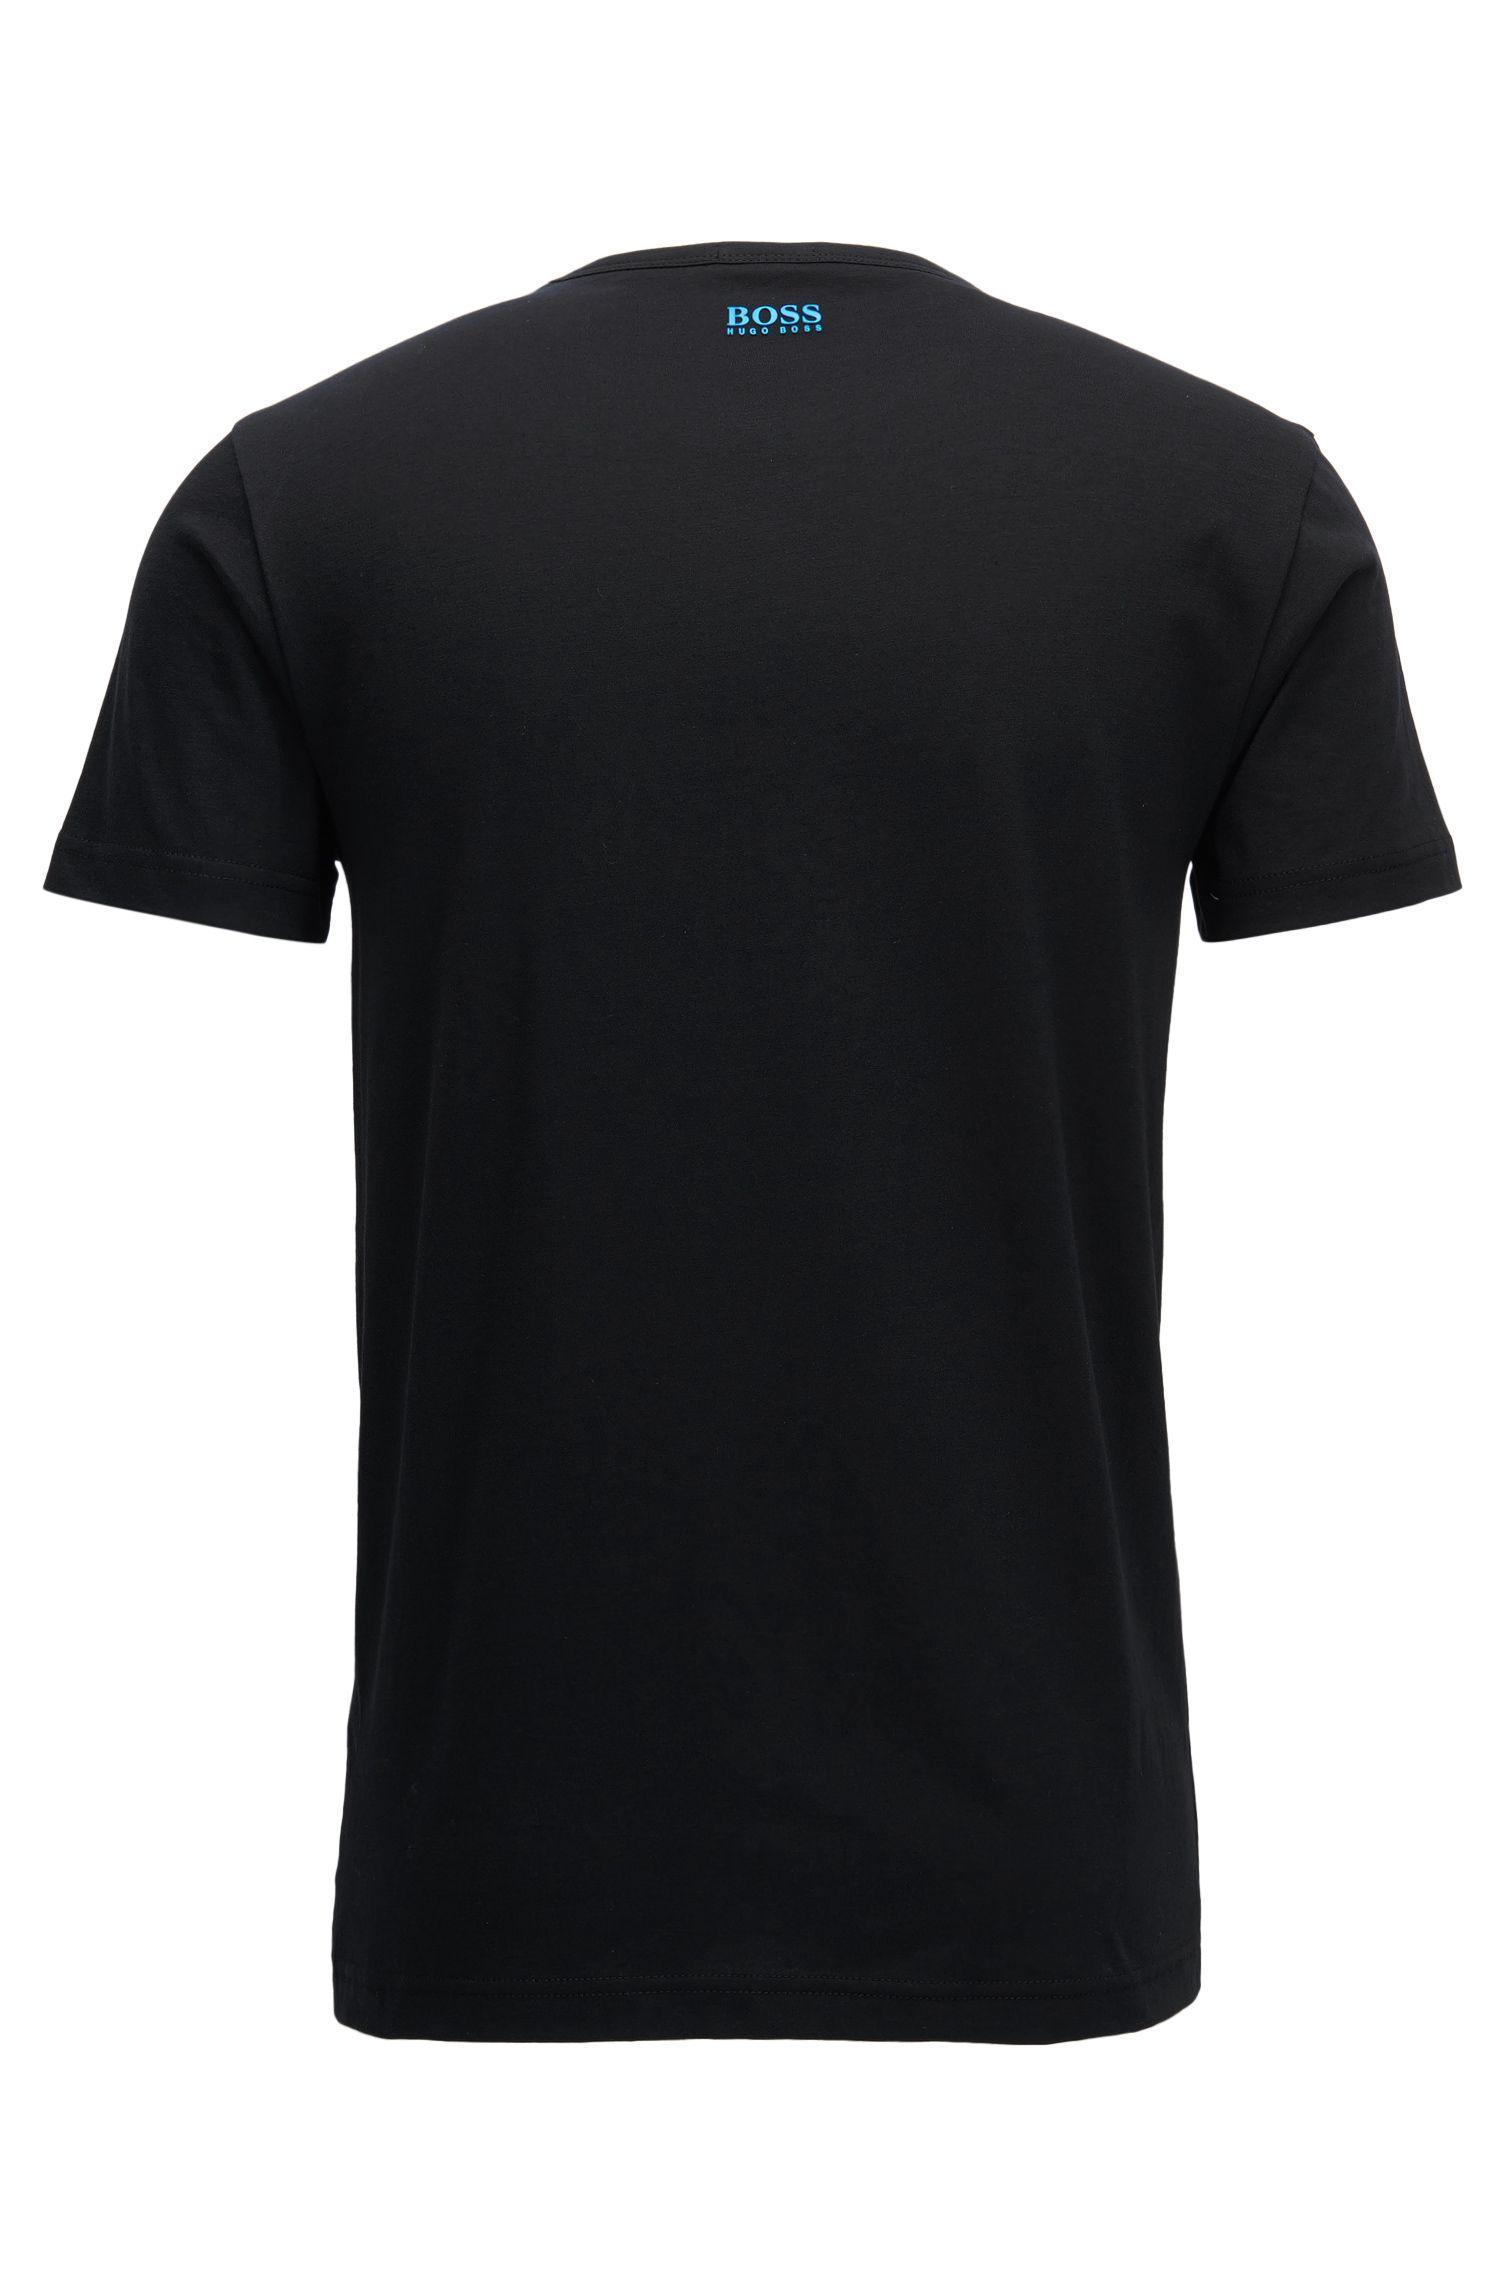 T-shirt Regular Fit en coton orné du logo